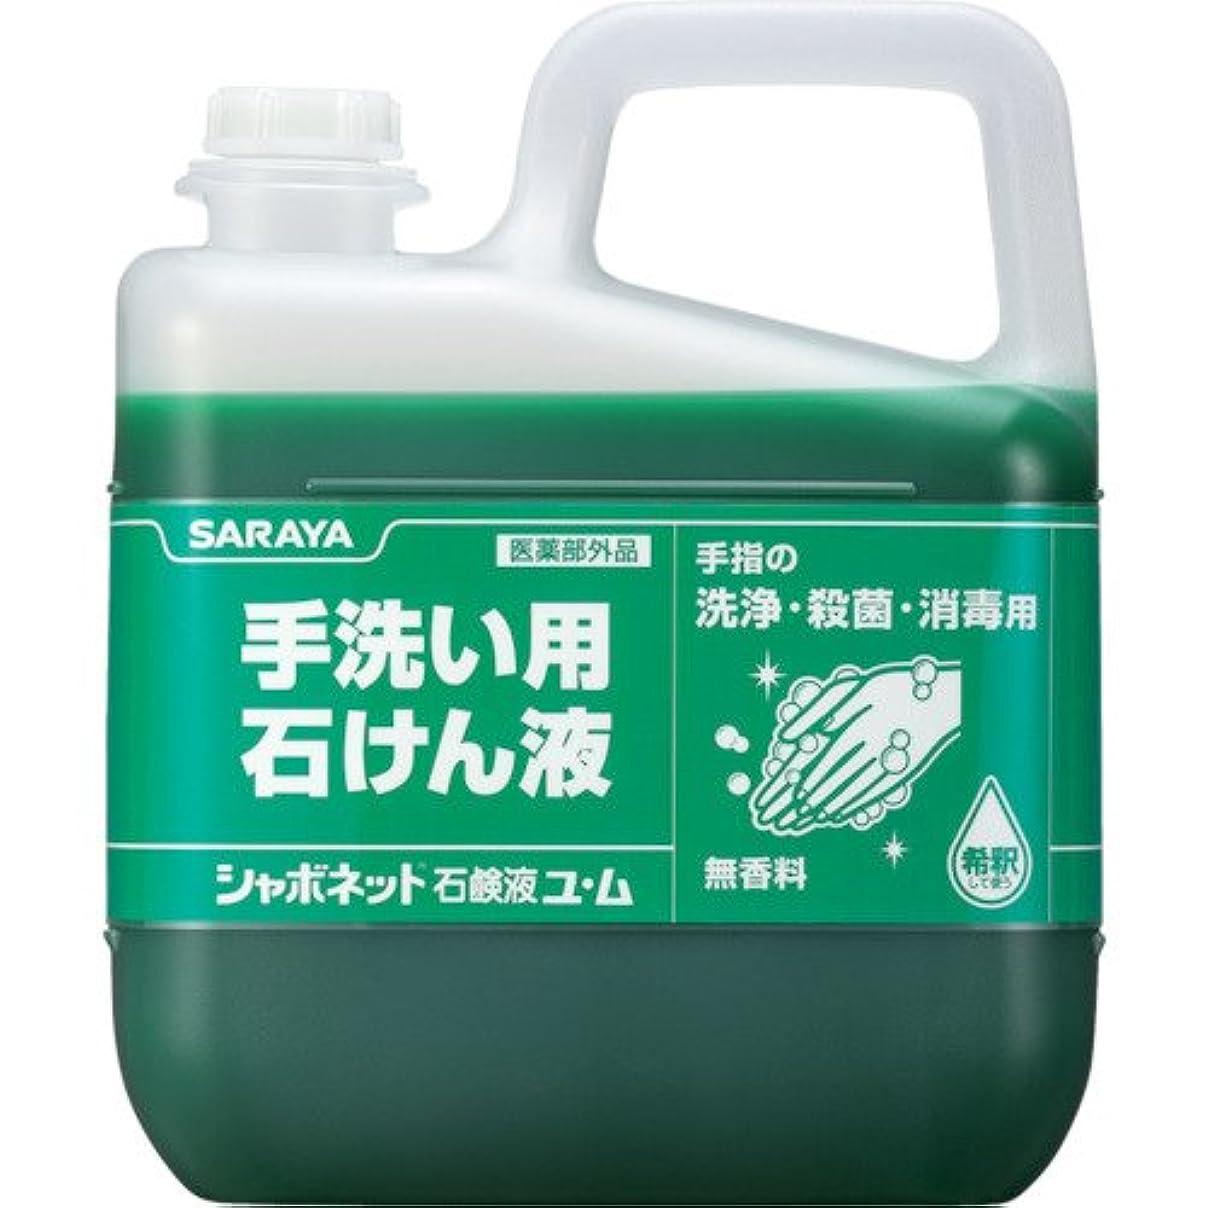 サラヤ ハンドソープ シャボネット石鹸液ユ?ム 5kg